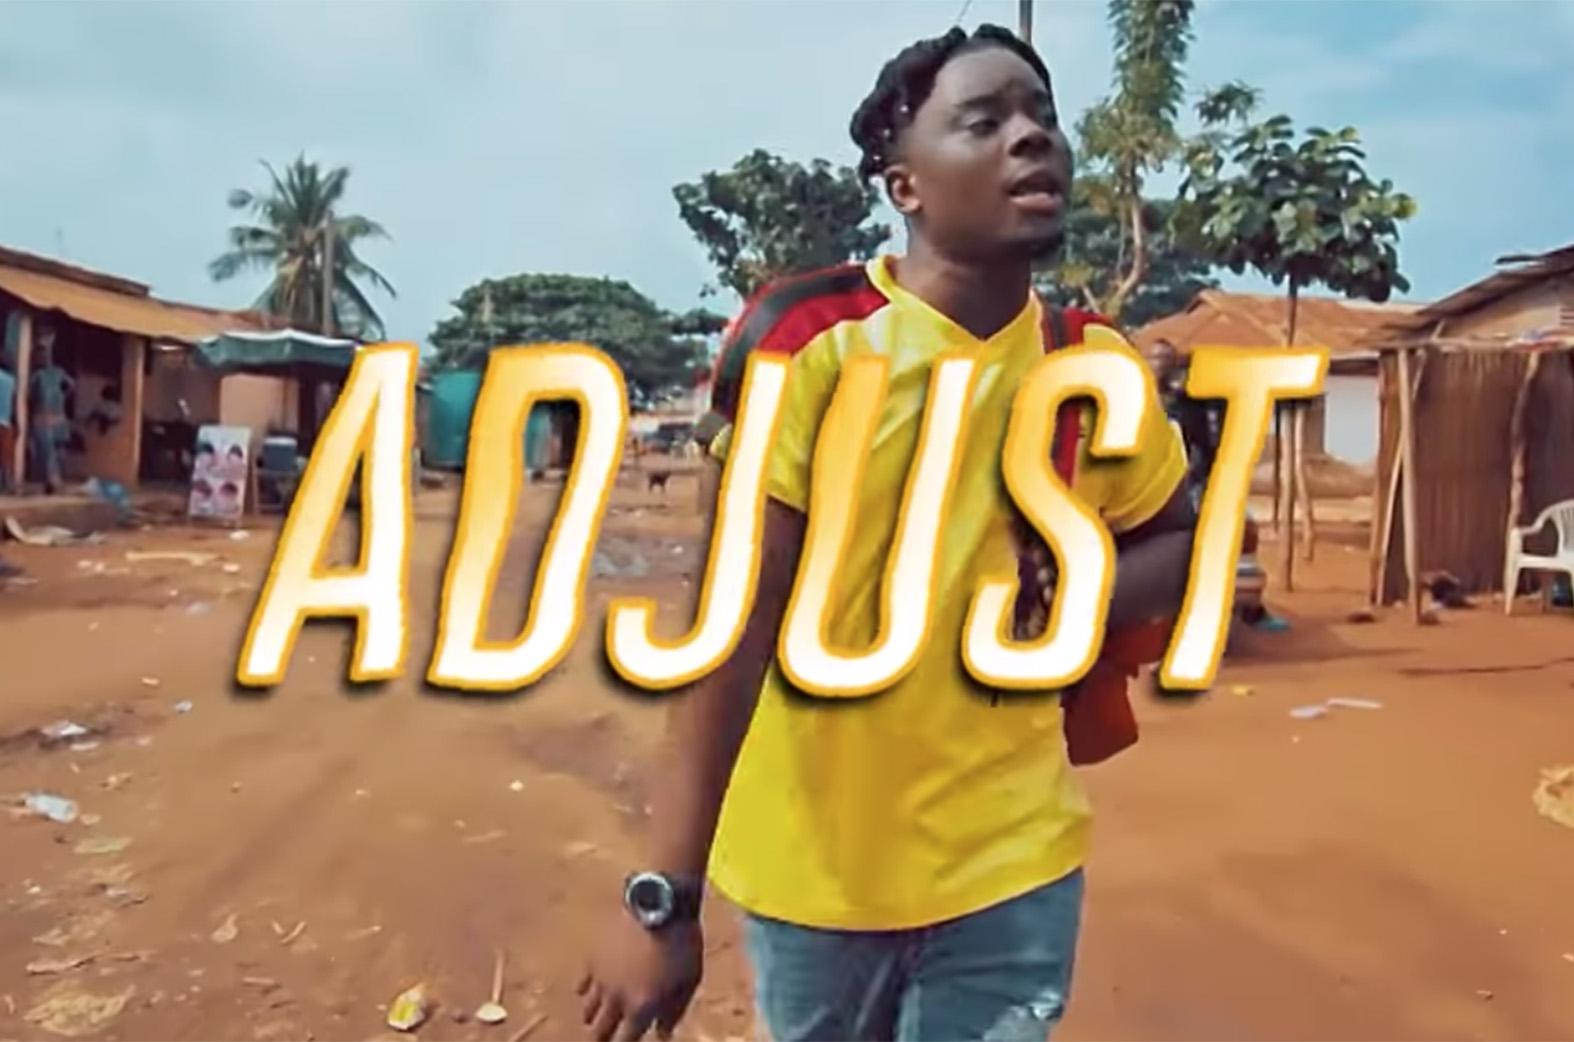 Adjust by Agbeshie